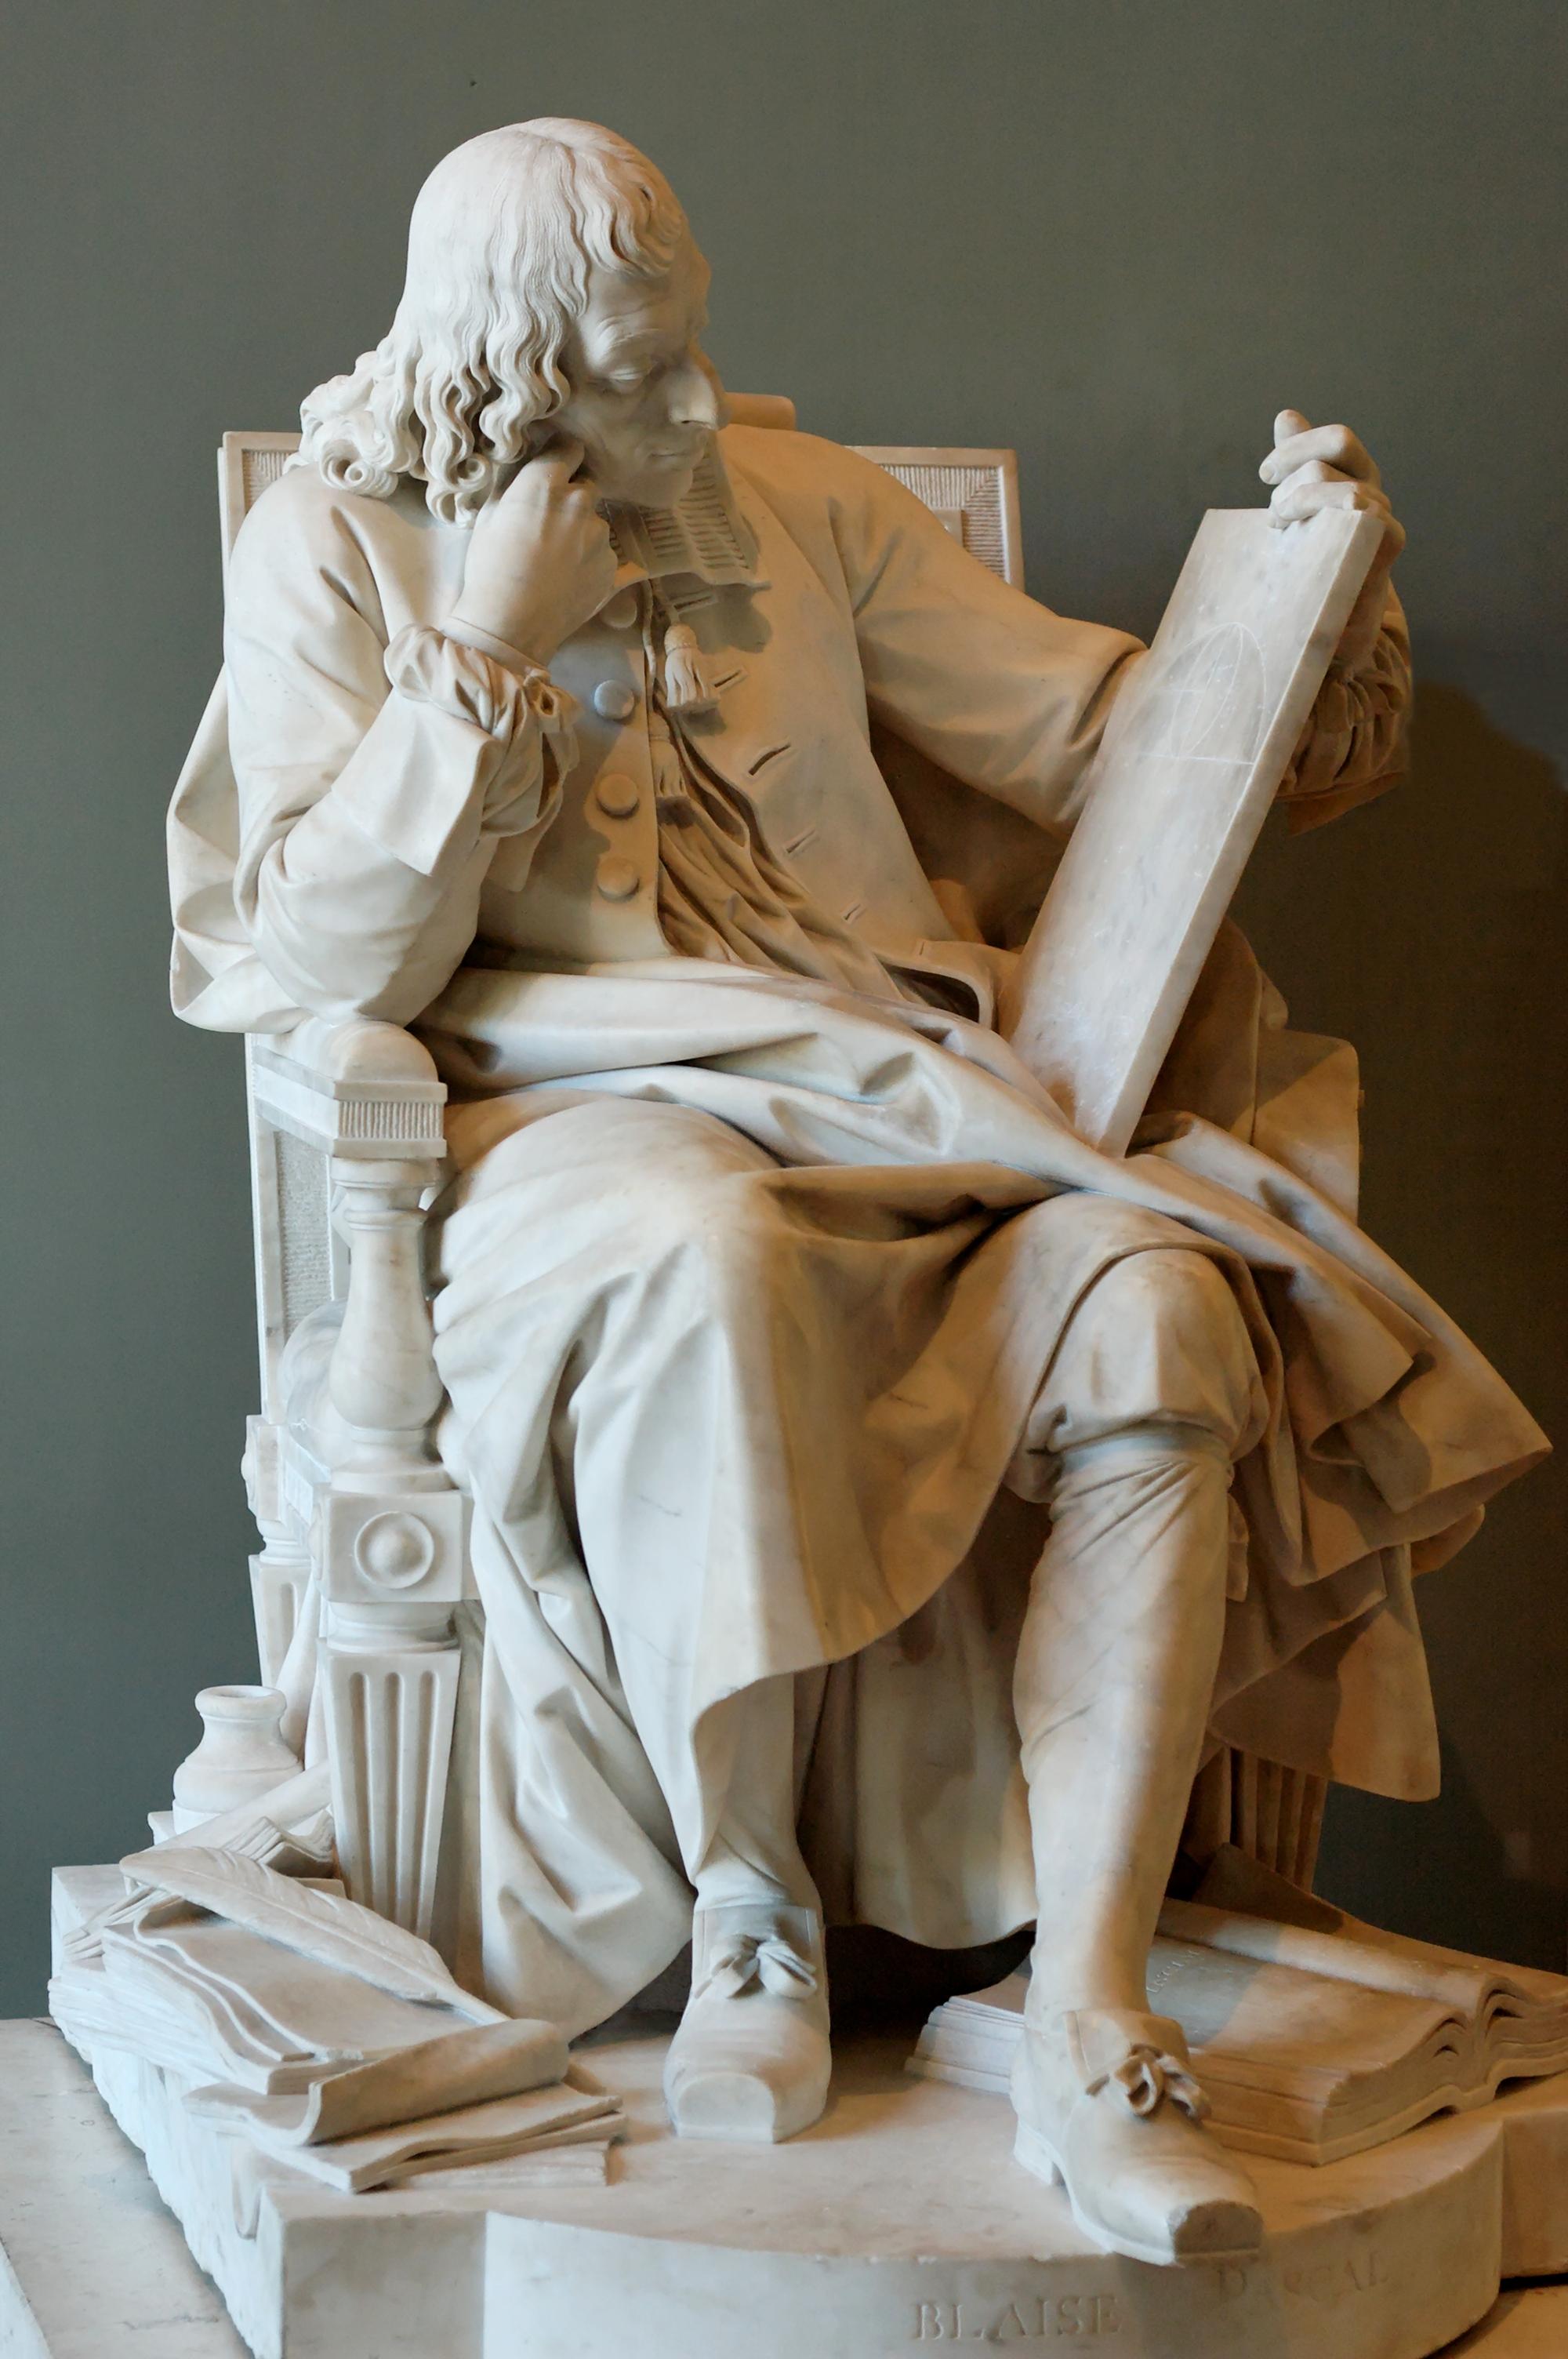 Blaise Pascal by Augustin Pajou, Louvre